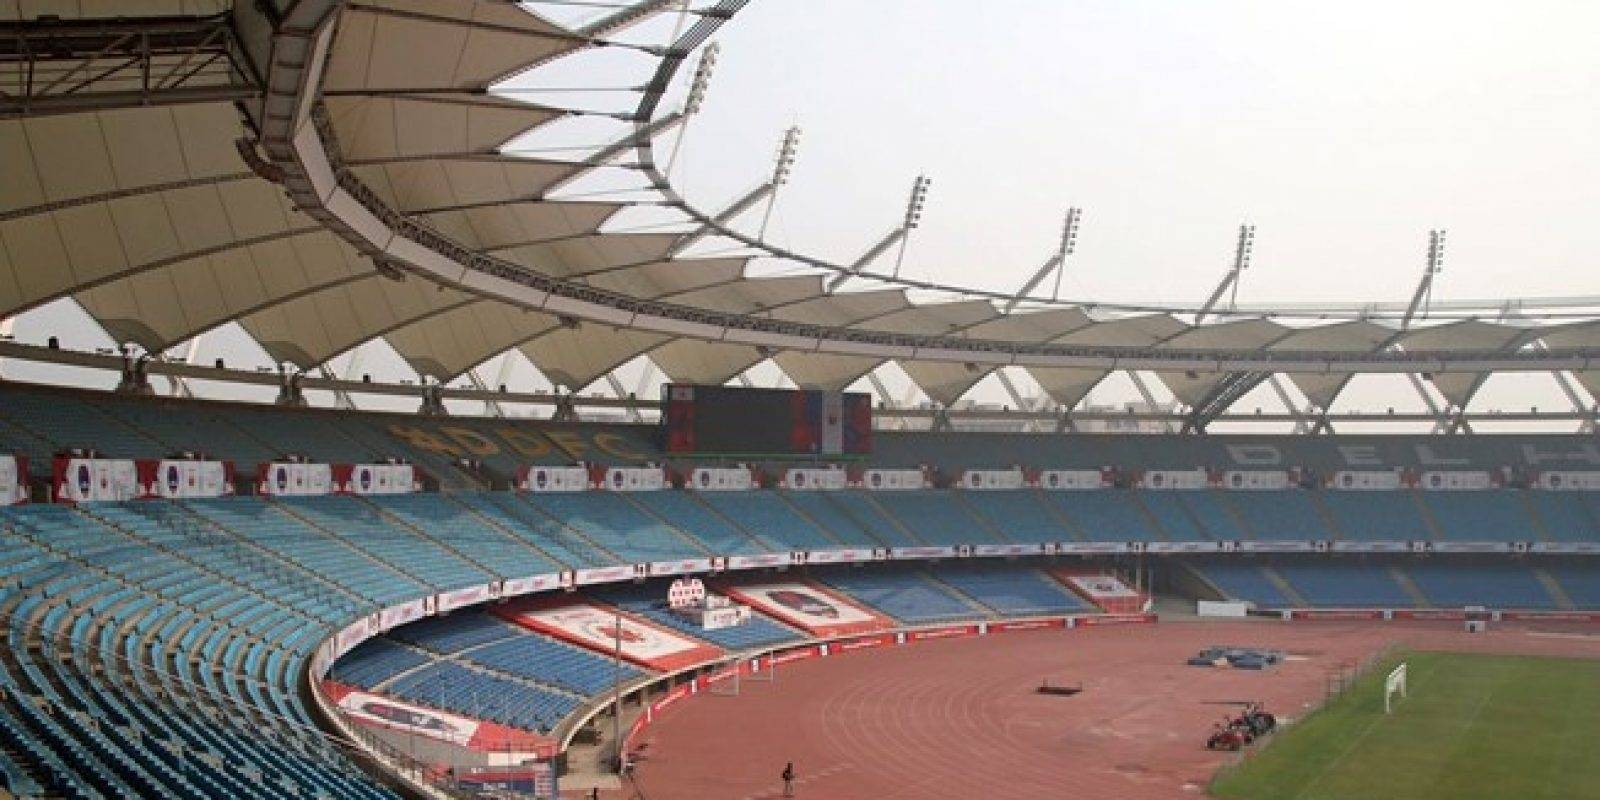 Jawaharlal Nehru Stadium (Nueva Dehli): Estadio construido en 1982 y remodelado en 2010 para que tenga una capacidad de 58 mil asistentes, siendo el quinto estadio multipropósito más grande de India. Además de encuentros de fútbol, tiene una pista atlética y también recibe conciertos.